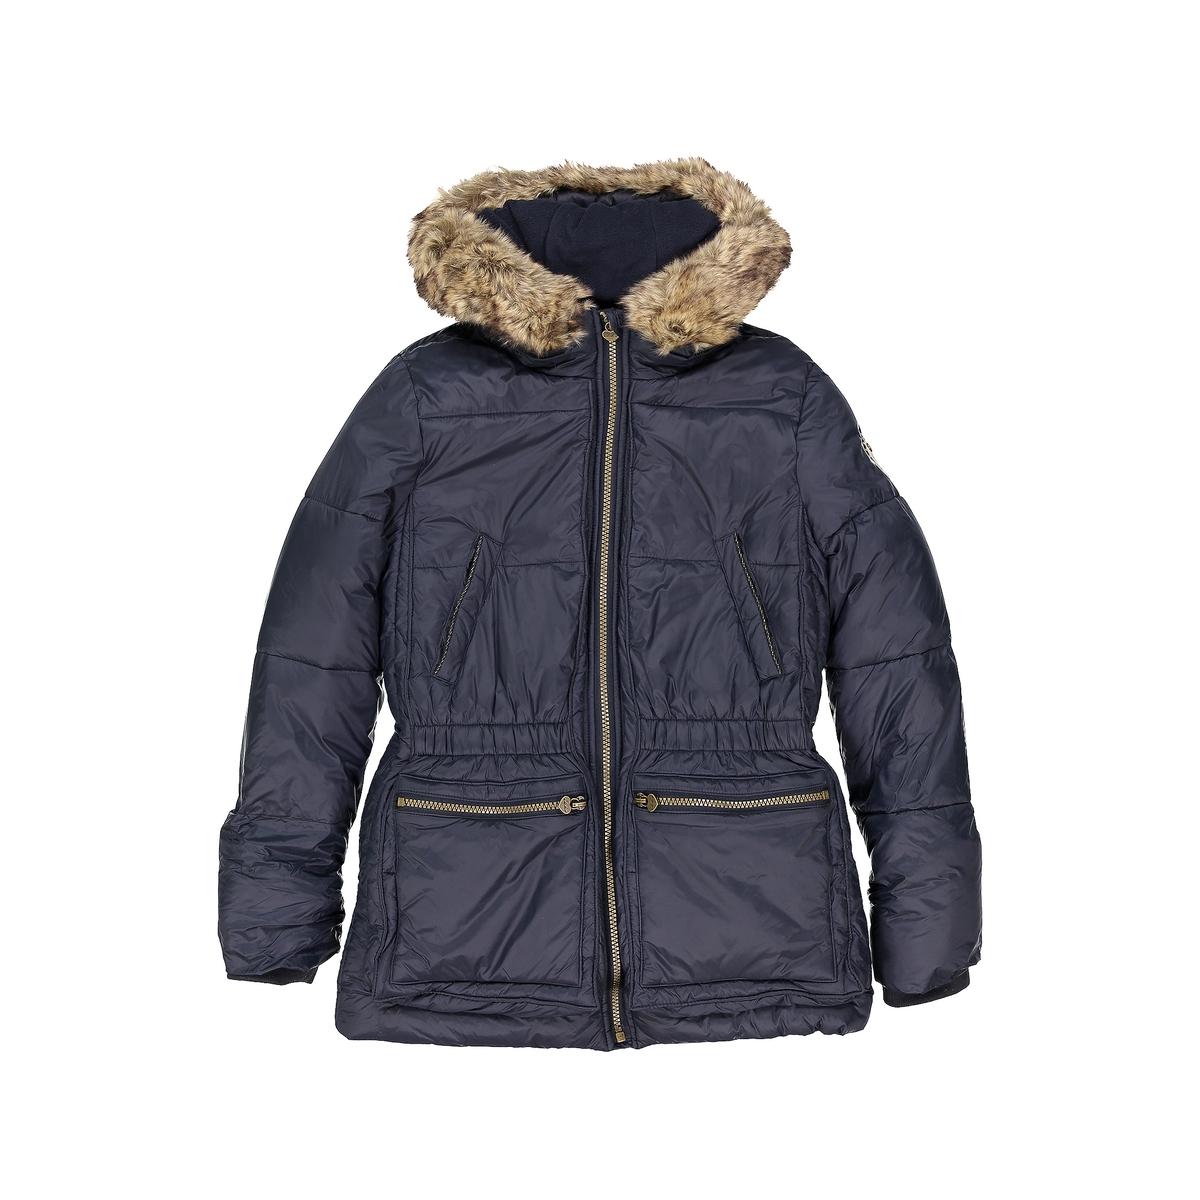 Куртка с капюшономДетали •  Зимняя модель •  Непромокаемая •  Застежка на молнию •  С капюшоном  •  Длина : укороченнаяСостав и уход •  97% хлопка, 3% эластана •  Следуйте советам по уходу, указанным на этикетке<br><br>Цвет: темно-синий